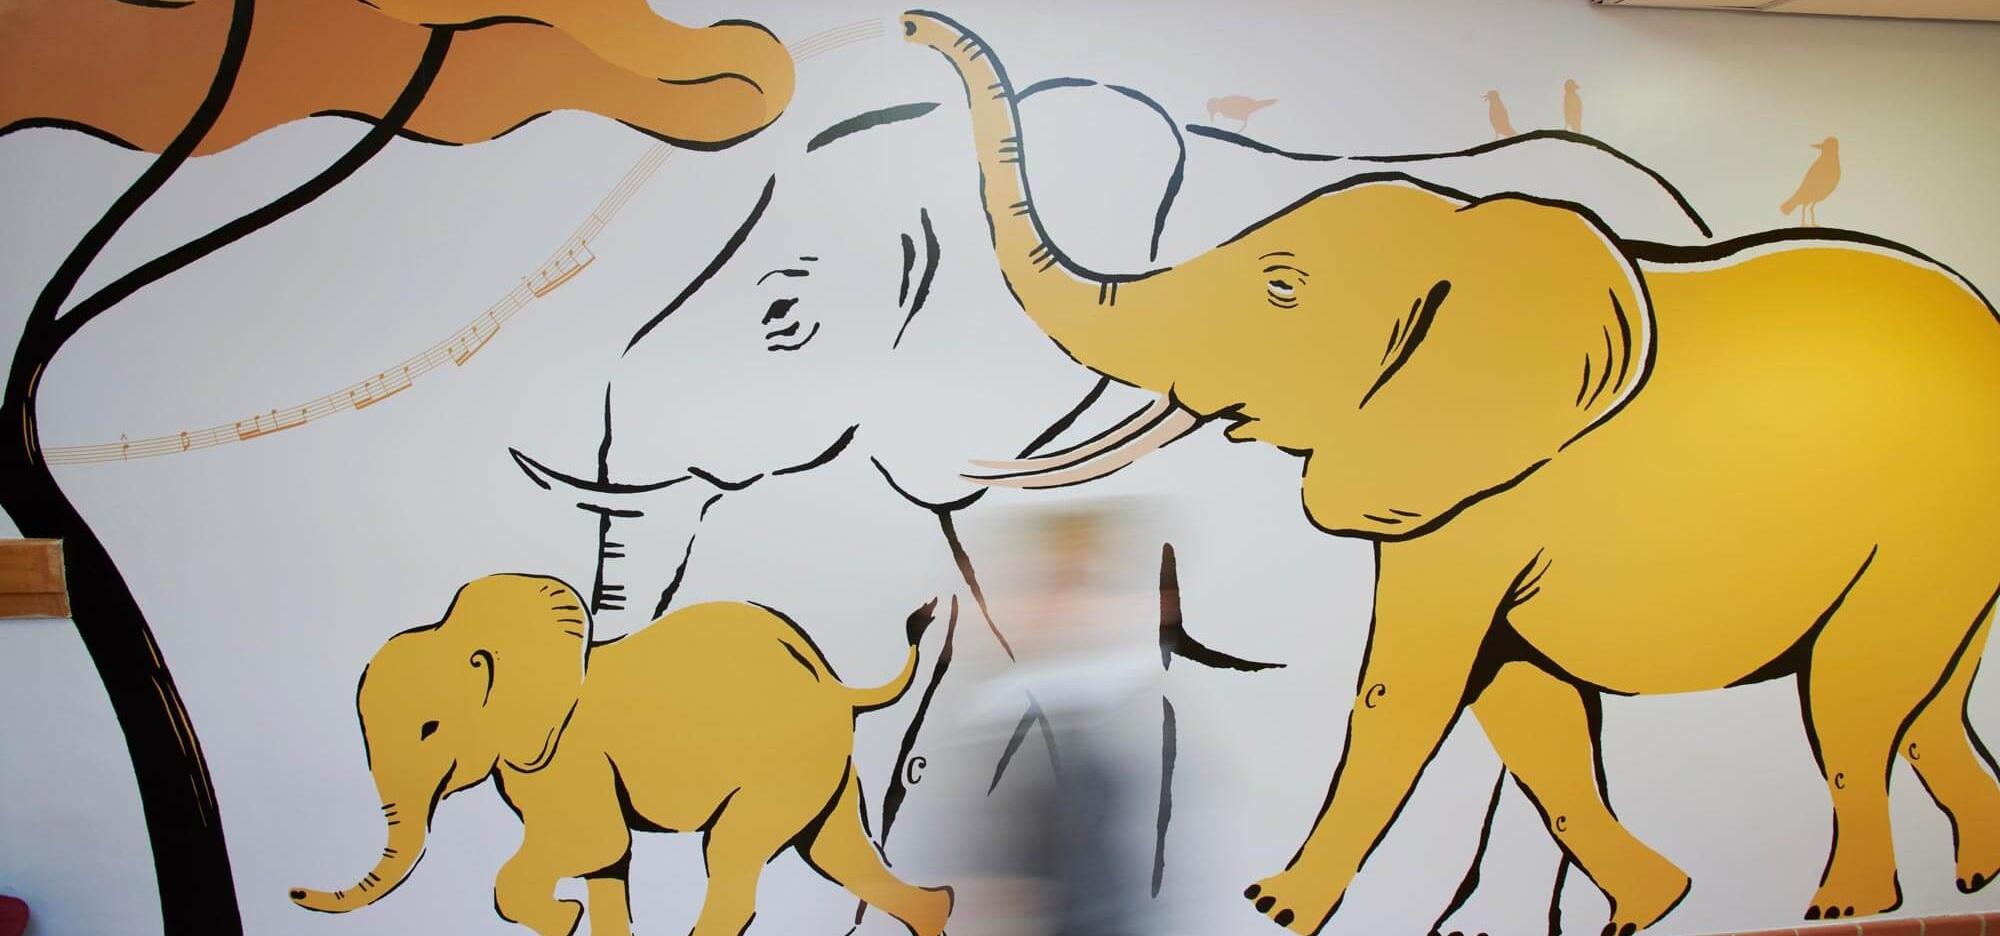 cranmore_case_study_elephant_wallgraphic.jpg